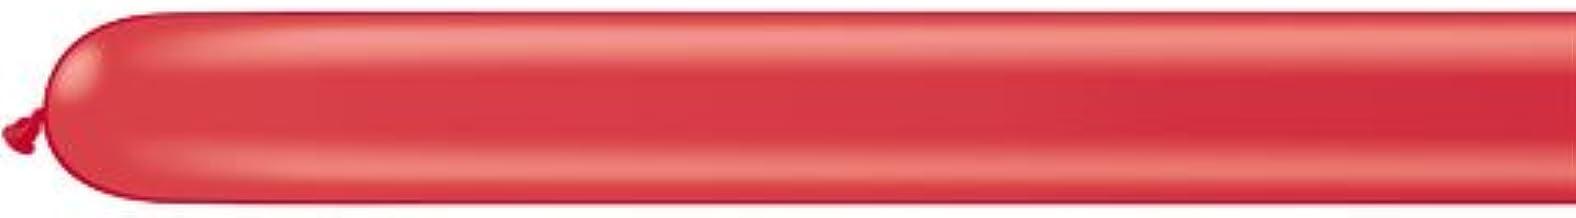 Qualatex ★260Q★スタンダードカラー(単色)約100入 レッド 【風船 バルーン】【マジックバルーン】 【ペンシルバルーン】【ツイストバルーン】【バルーンアート】【縁日】【お祭り】